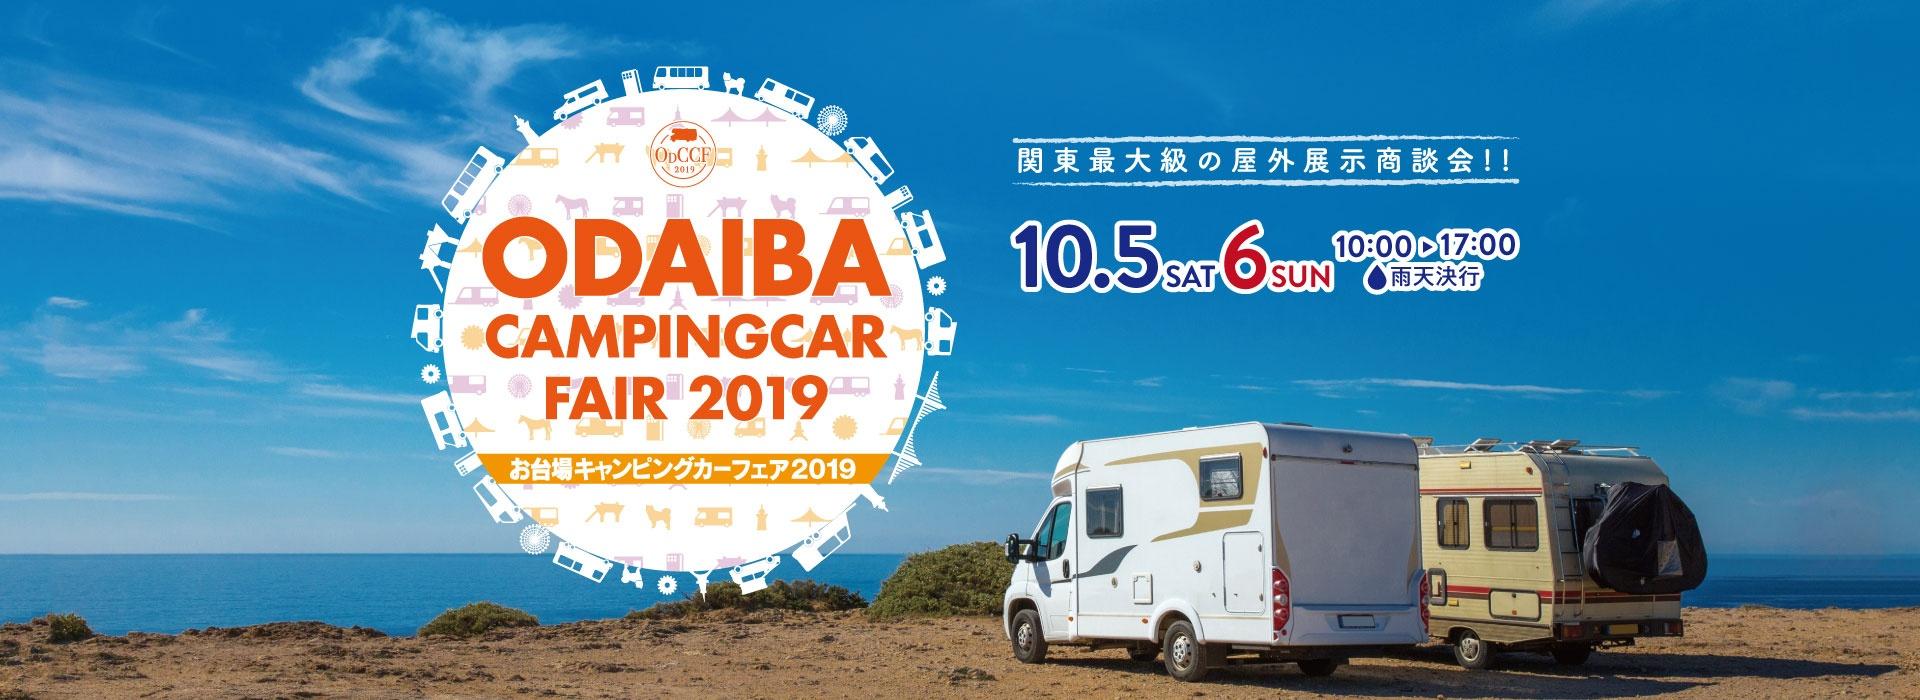 お台場キャンピングカーフェア2019  ODAIBA CAMPING CAR FAIR 2019